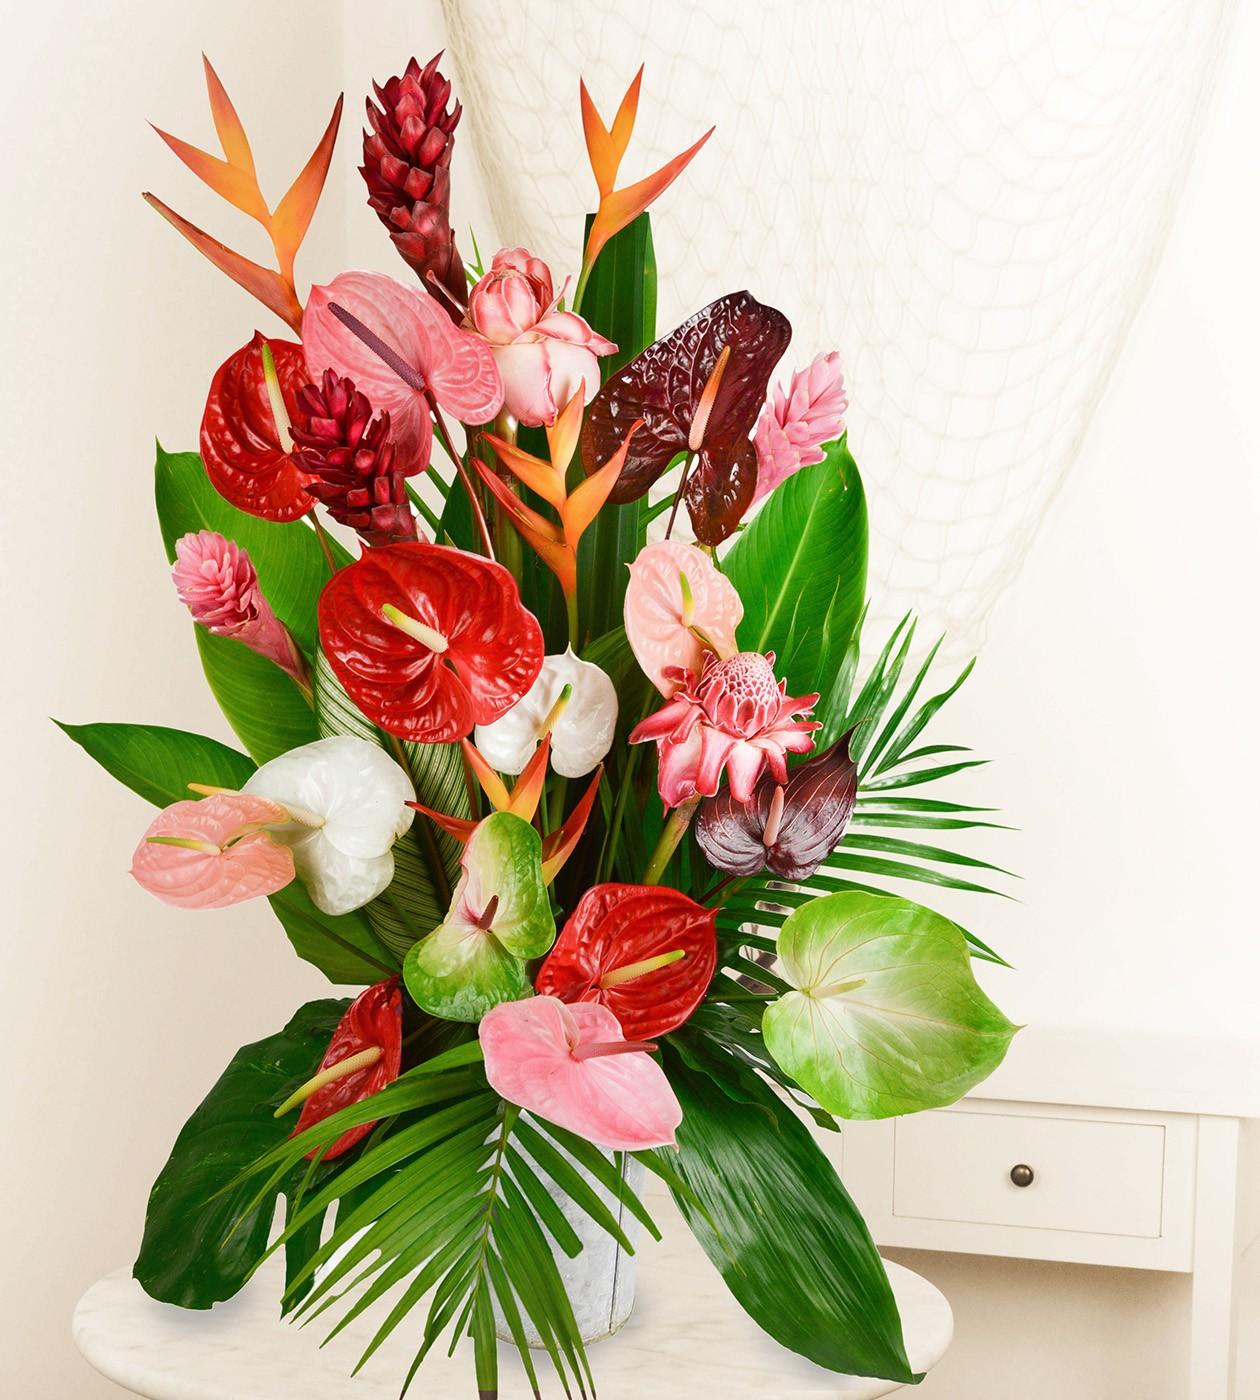 livraison colis fleurs vrac salines | fleurs lointaines